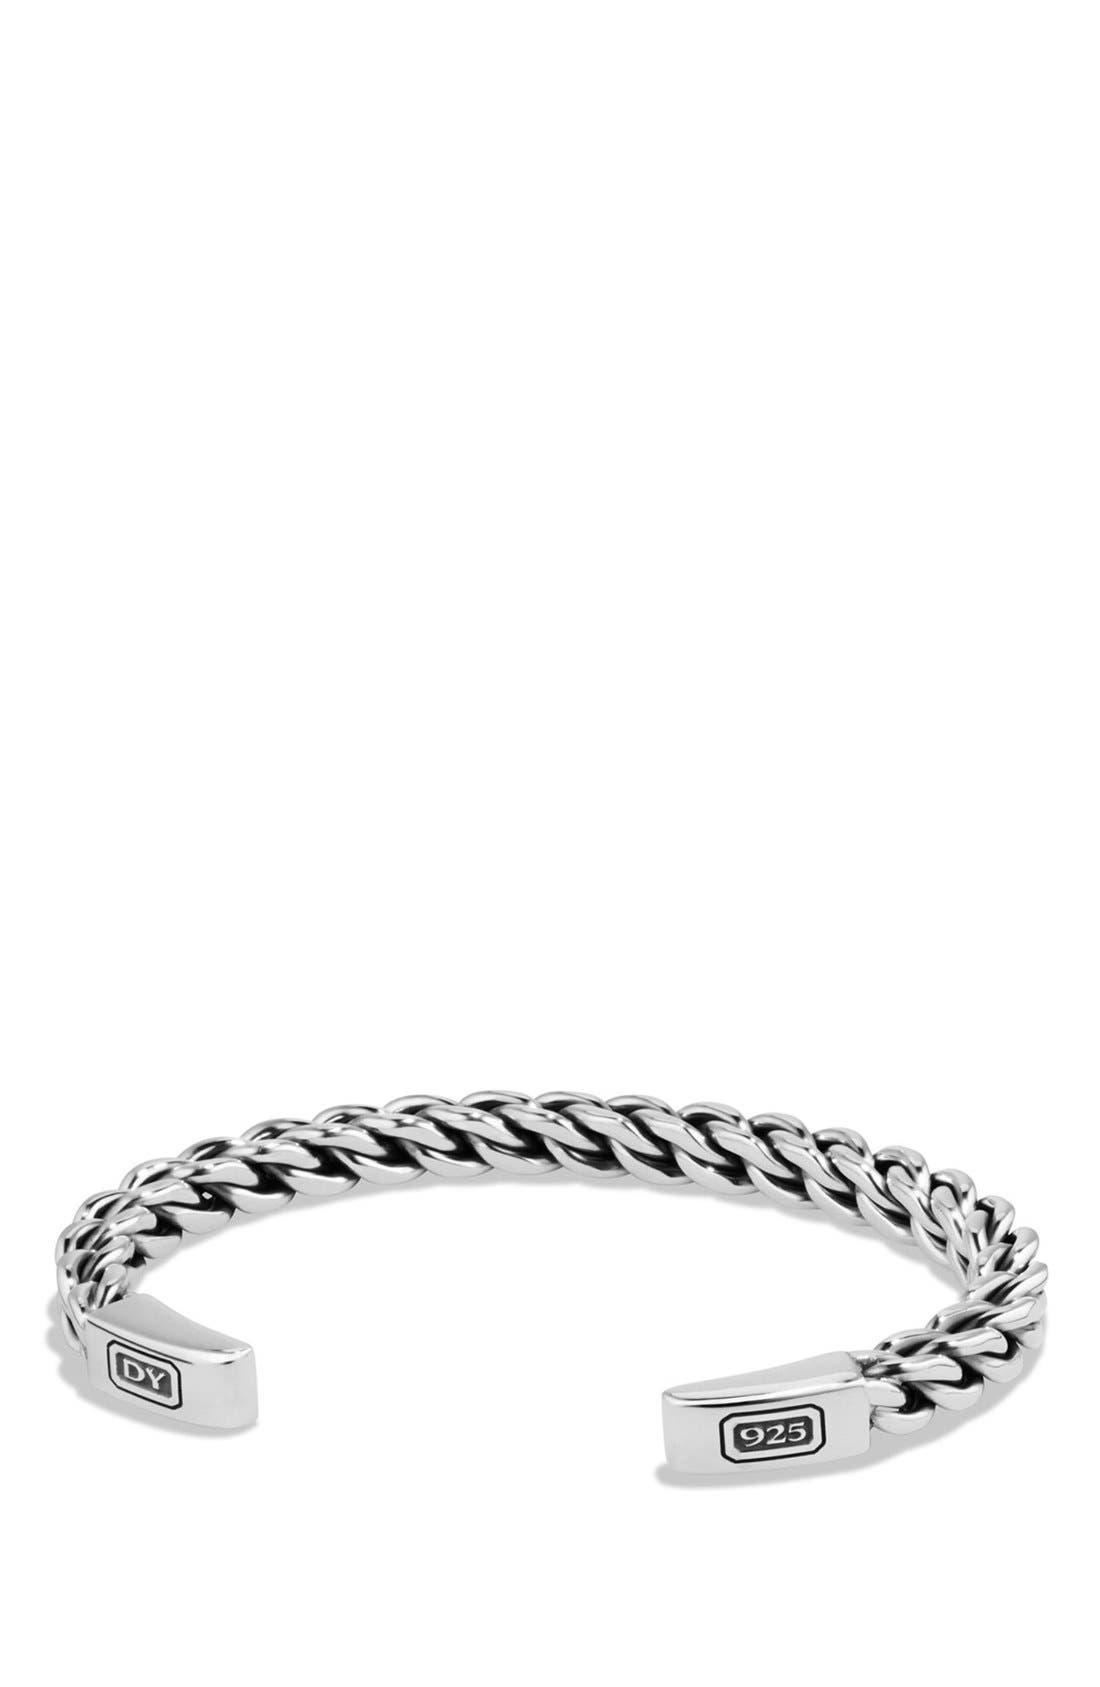 DAVID YURMAN Chain Woven Cuff Bracelet